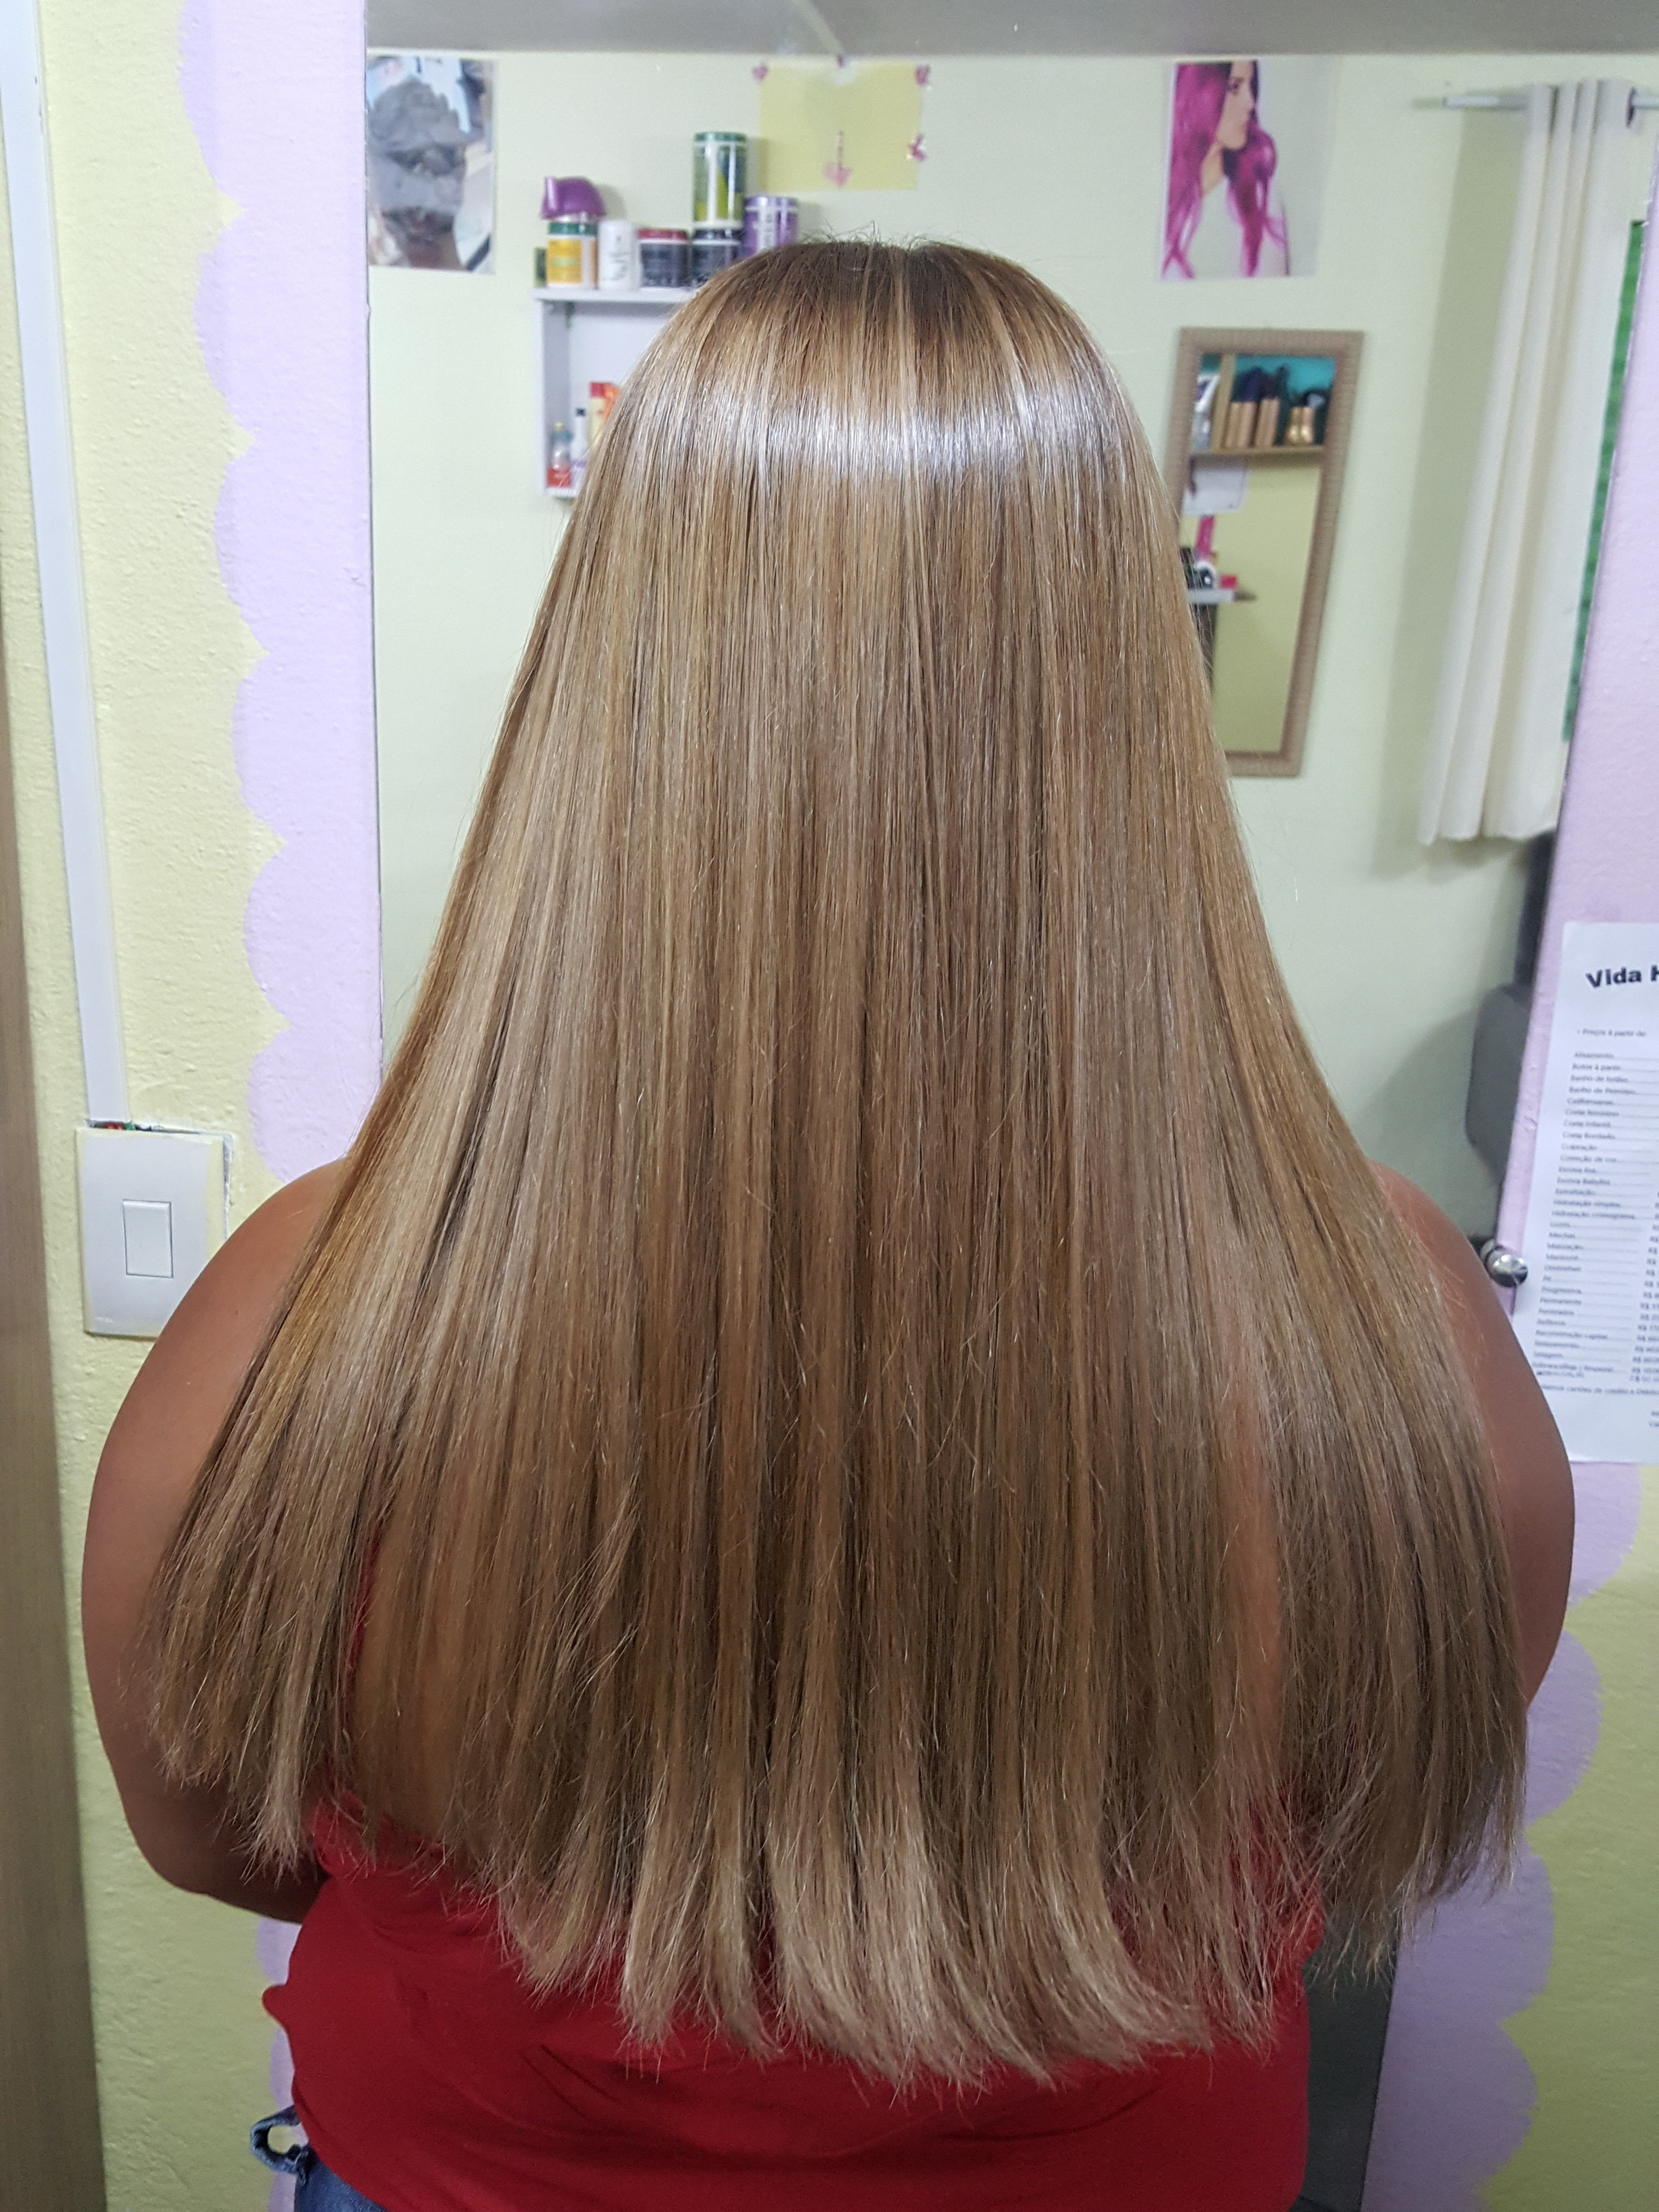 Cor natural 3.0 Resíduos de 4.66 Luzes 8.3 + Correção de cor  cabelo cabeleireiro(a) manicure e pedicure micropigmentador(a)